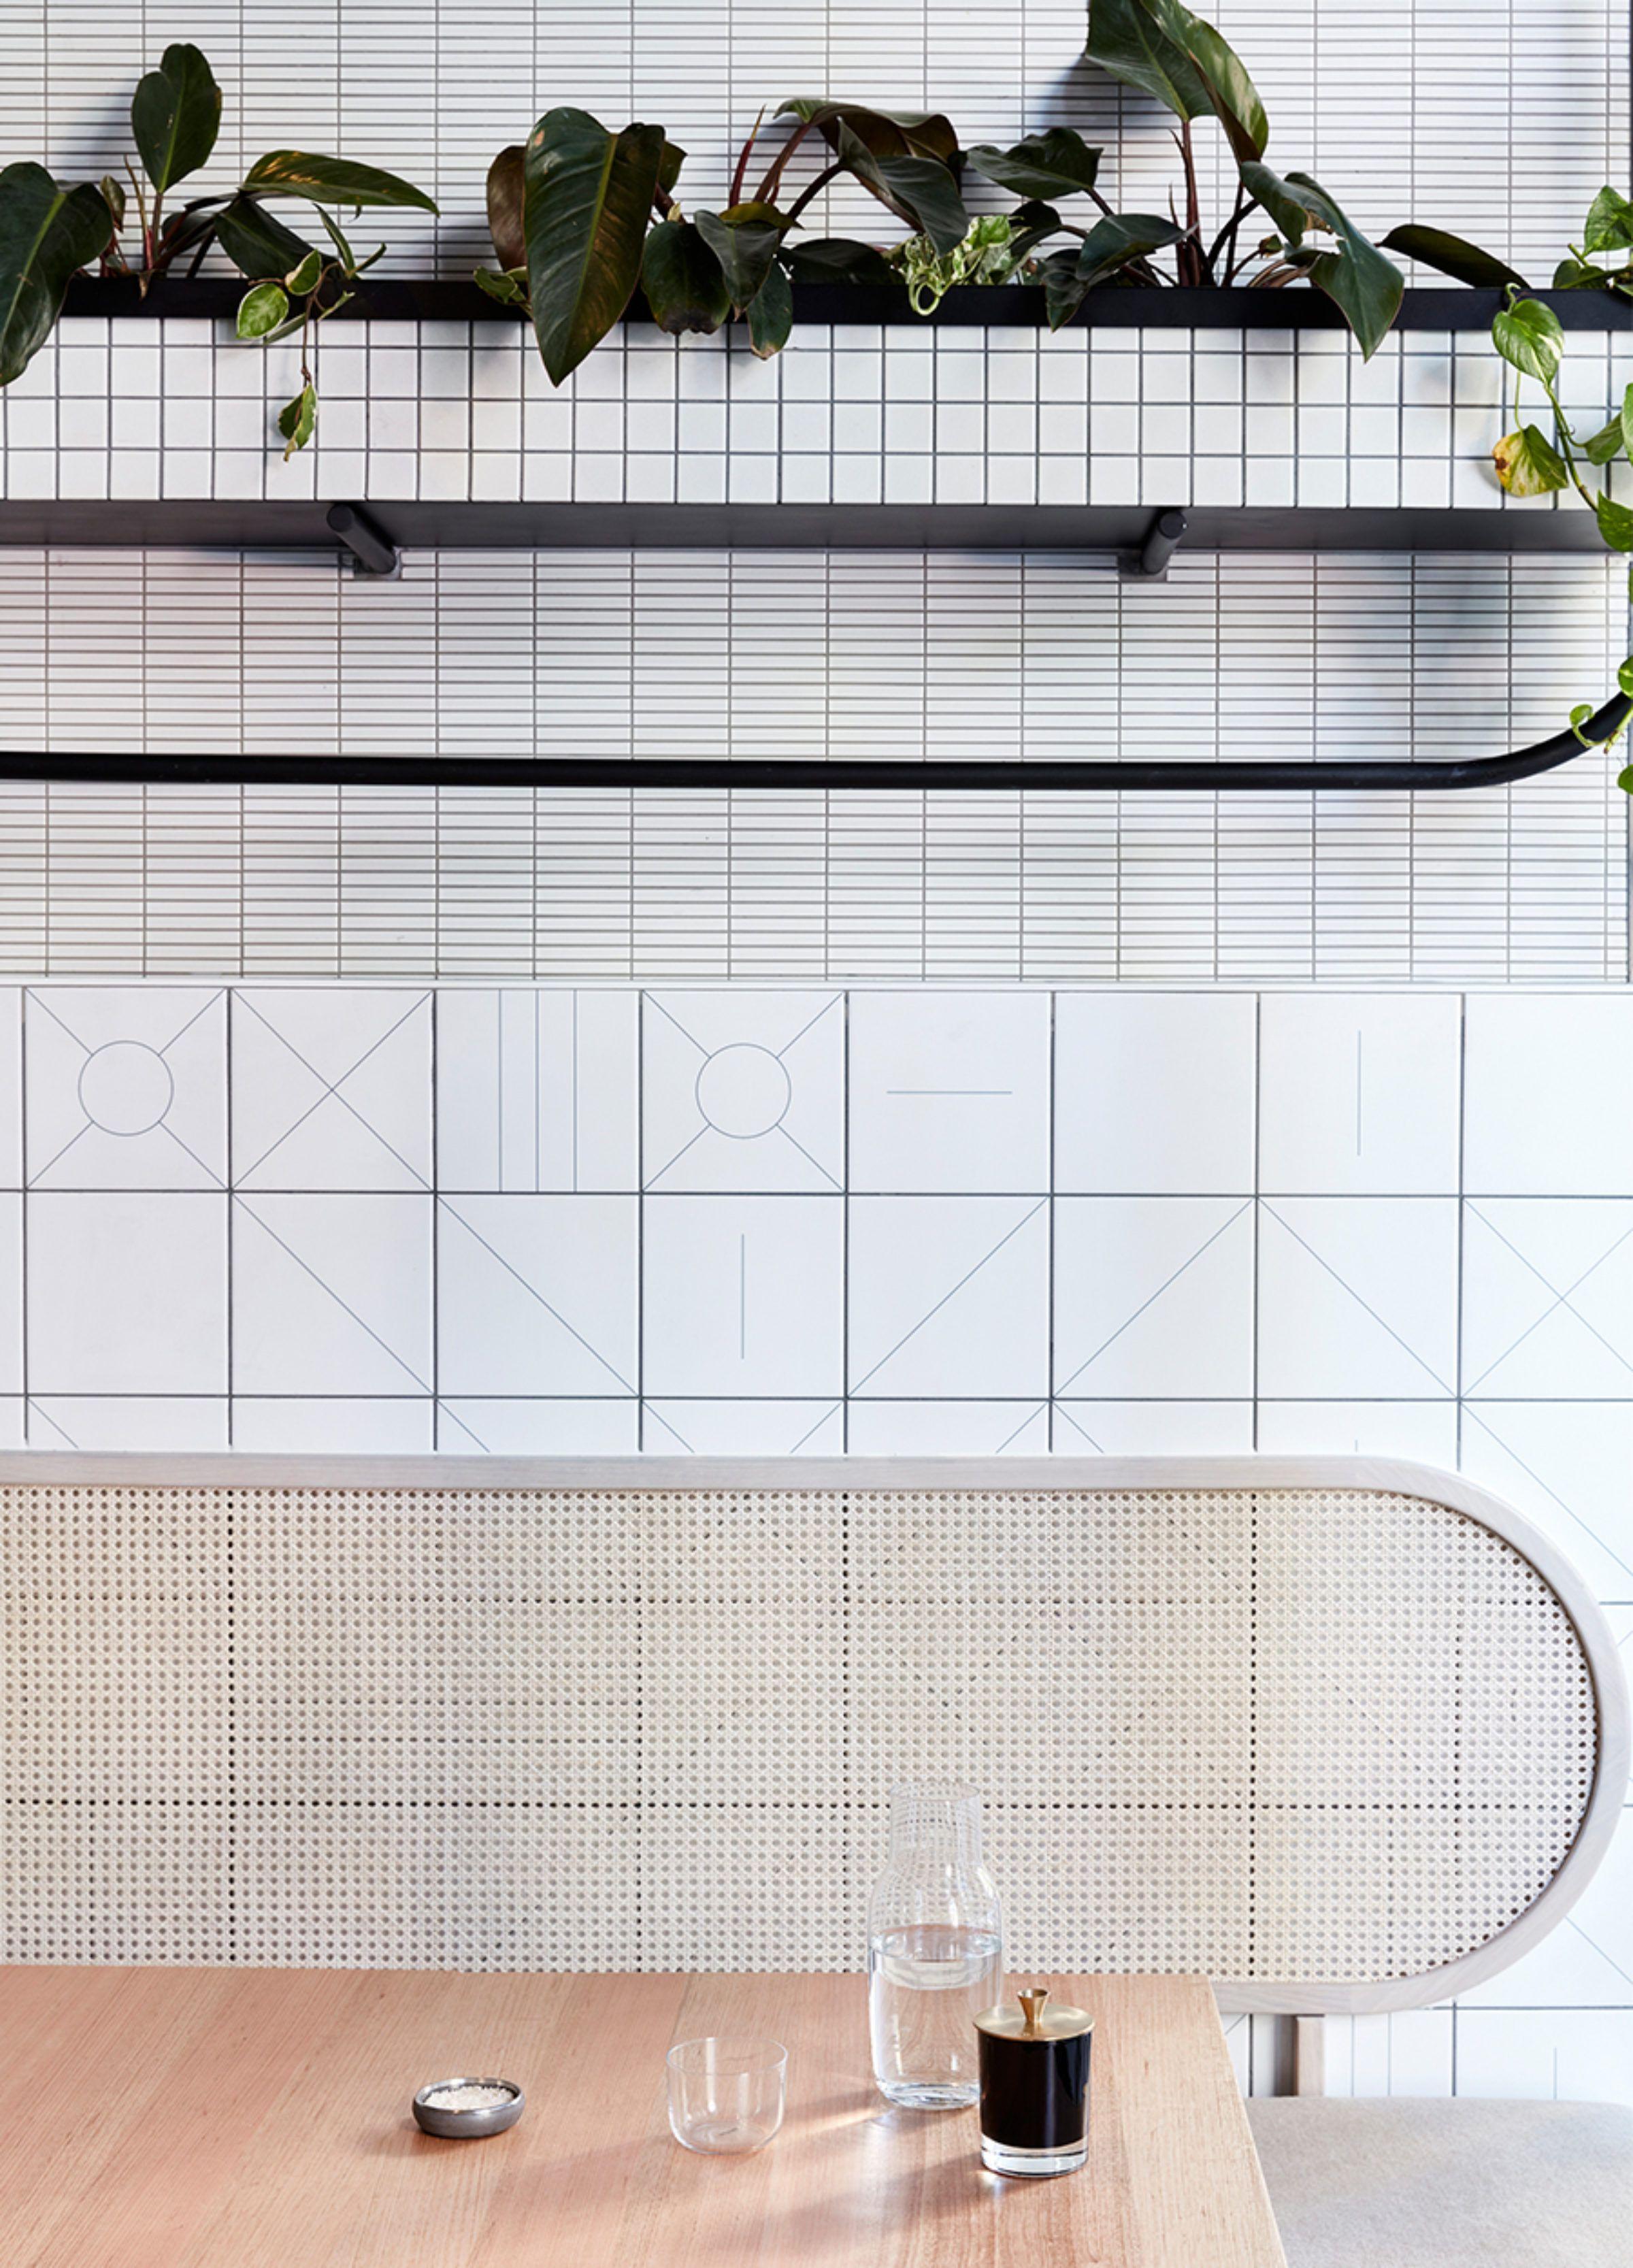 Niam brisbane designer the stella collective photographer sean fennessy restaurant design also rh in pinterest